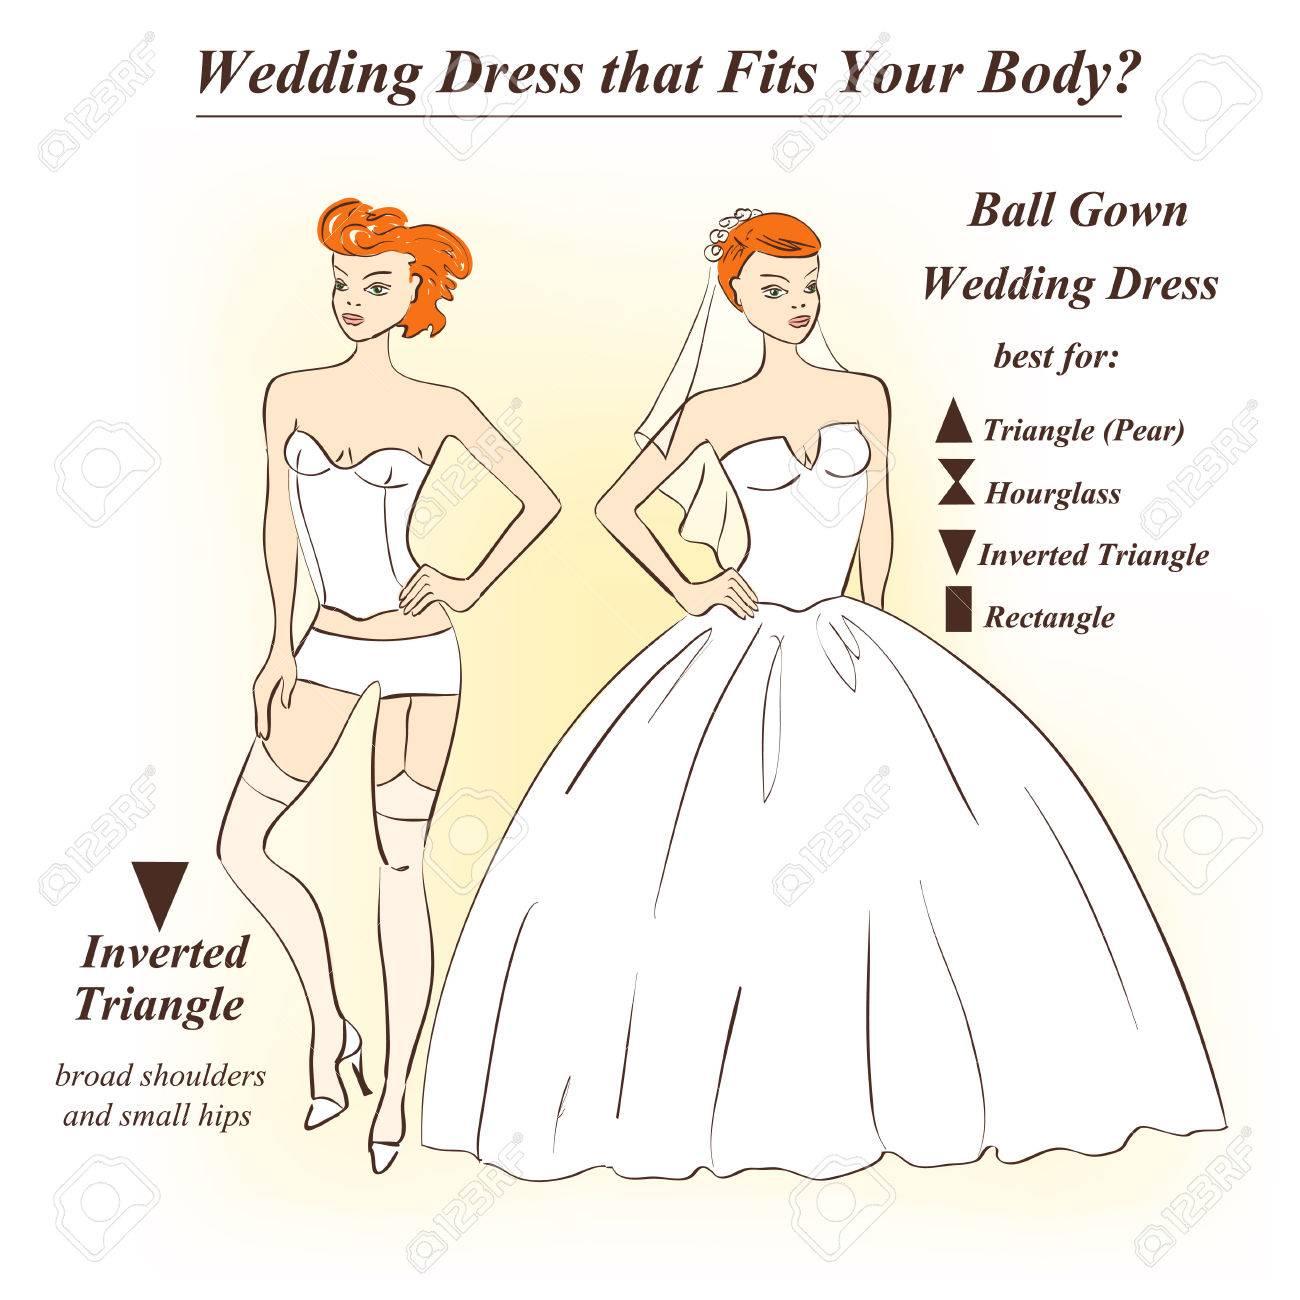 Infografik Des Ballkleid-Hochzeitskleid, Die Für Die Weibliche ...